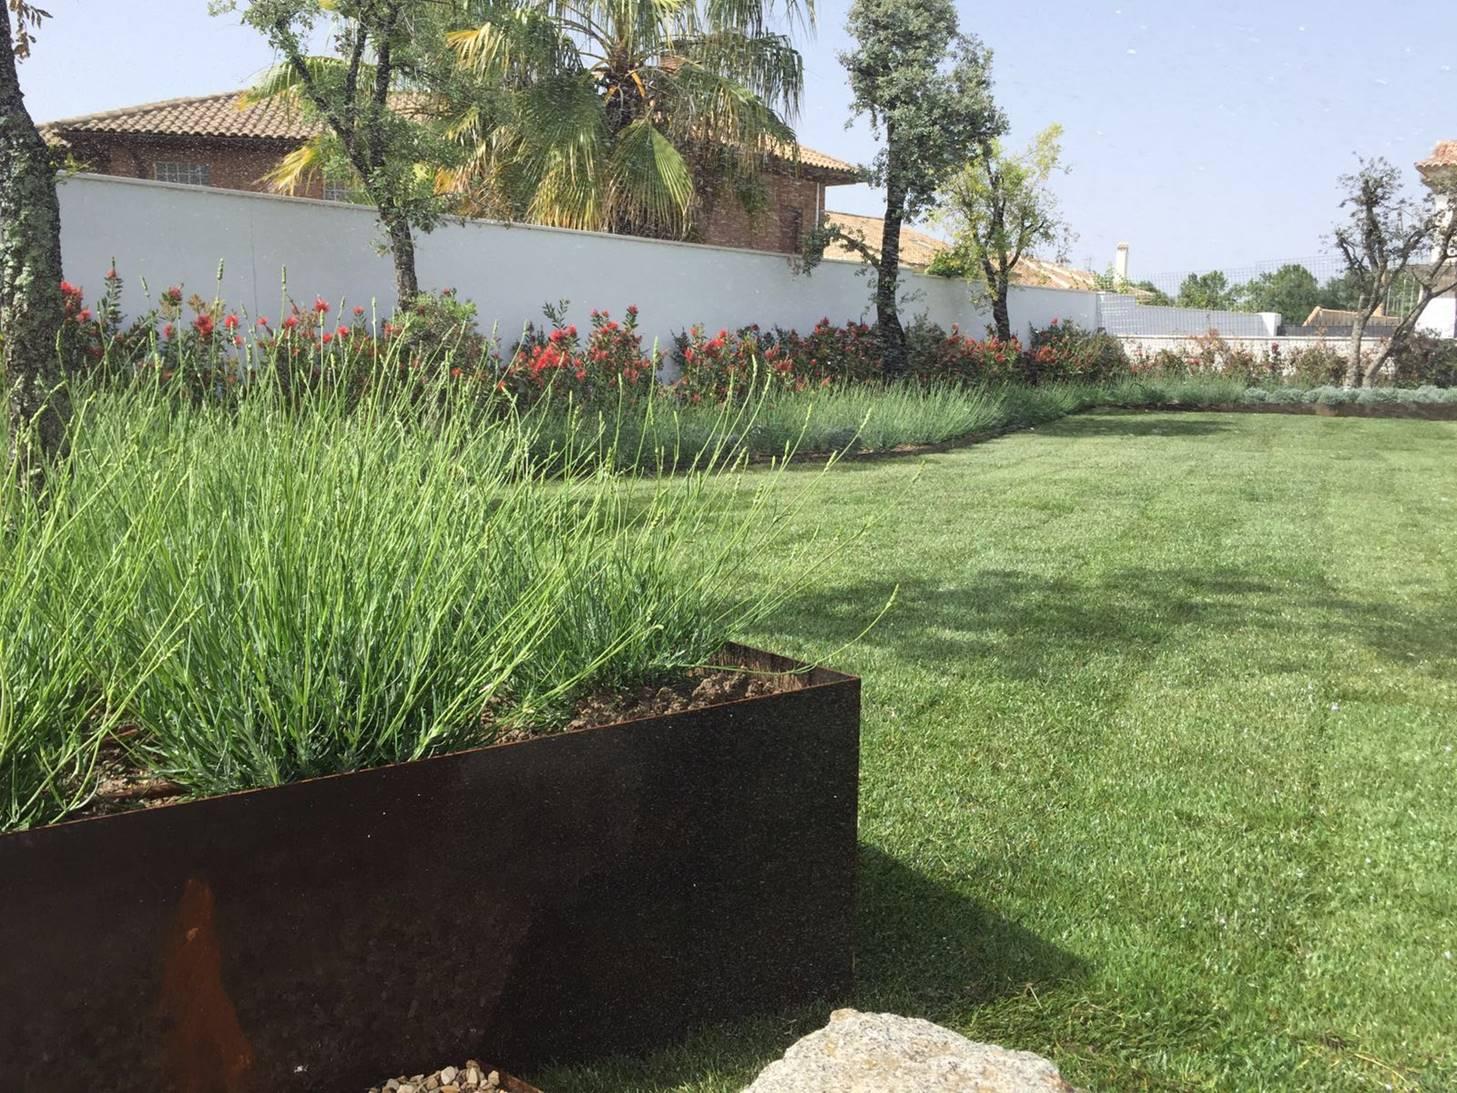 Las jardineras de acero corten modifican su altura para generar diferentes espacios.